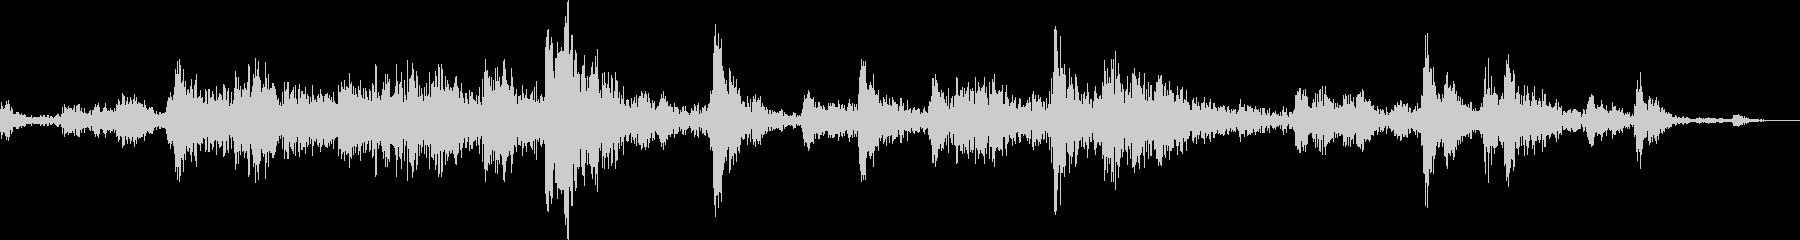 引き戸を開ける音(ガラガラ)の未再生の波形